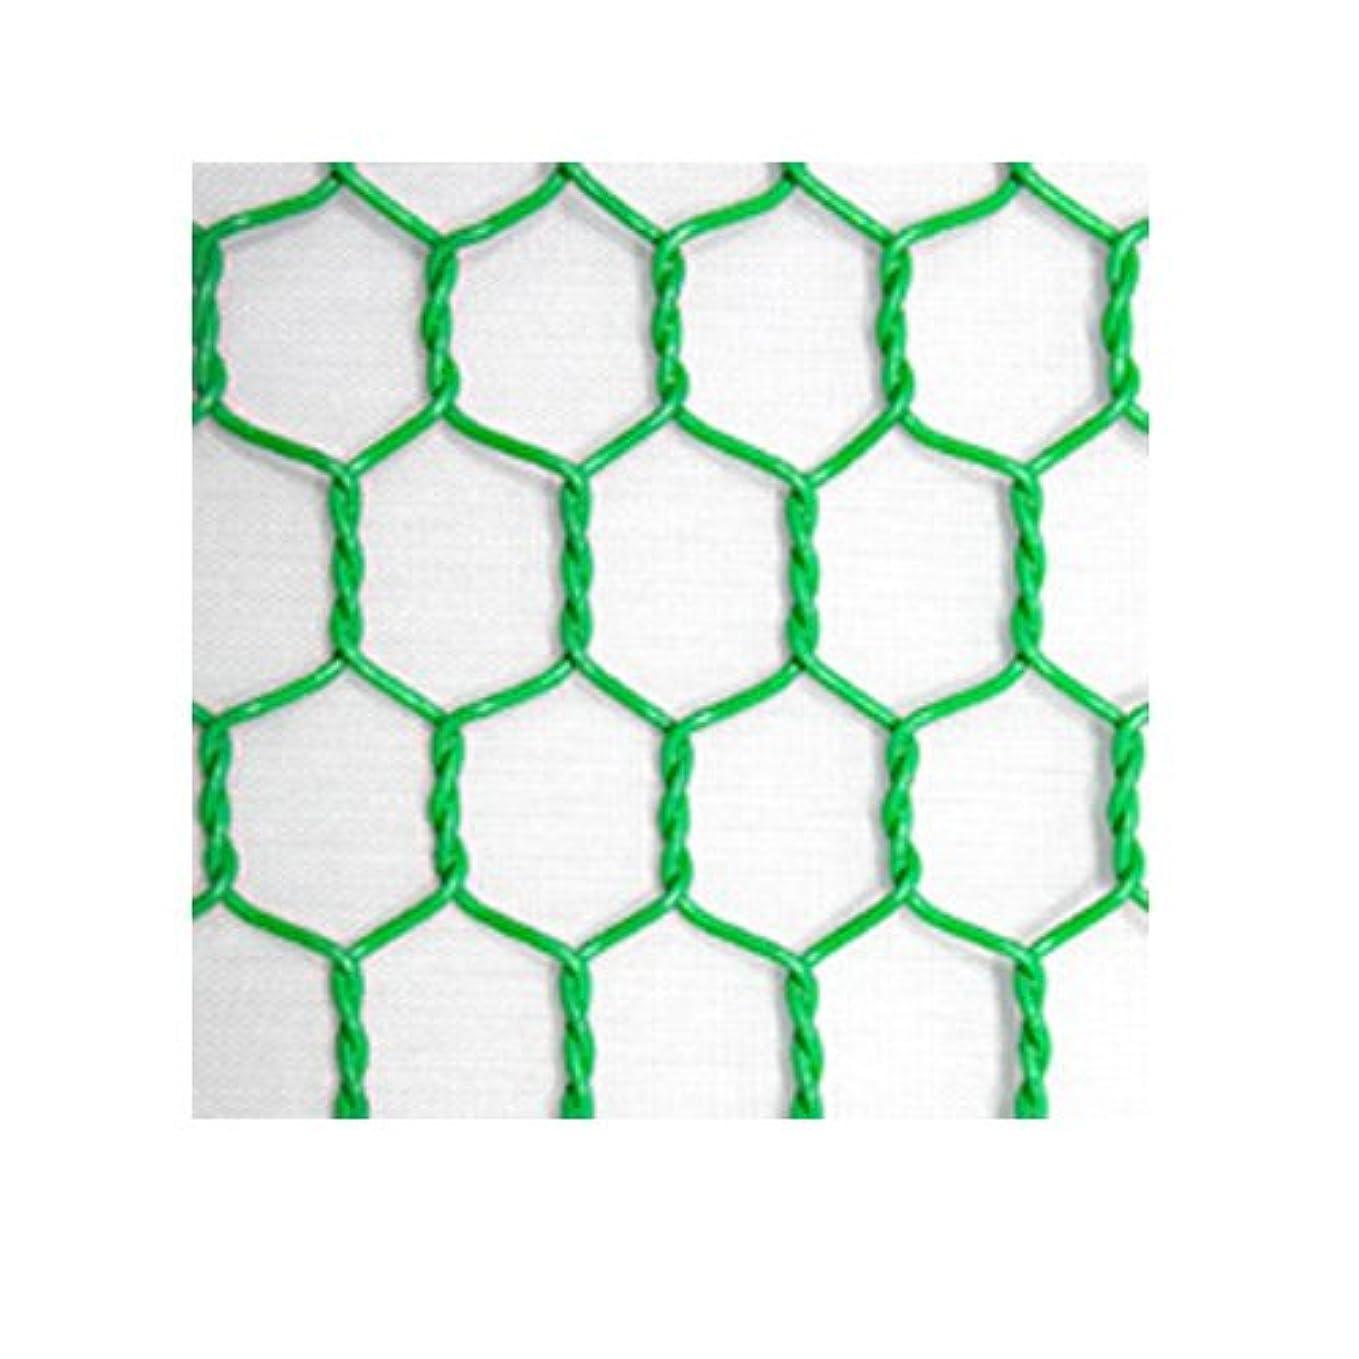 アクチュエータ鎮痛剤麻痺ビニール亀甲金網 (緑) 線径番18 線径1.15mm 目合16mm 幅910mm×長さ30m 【光洋金網】 代引不可